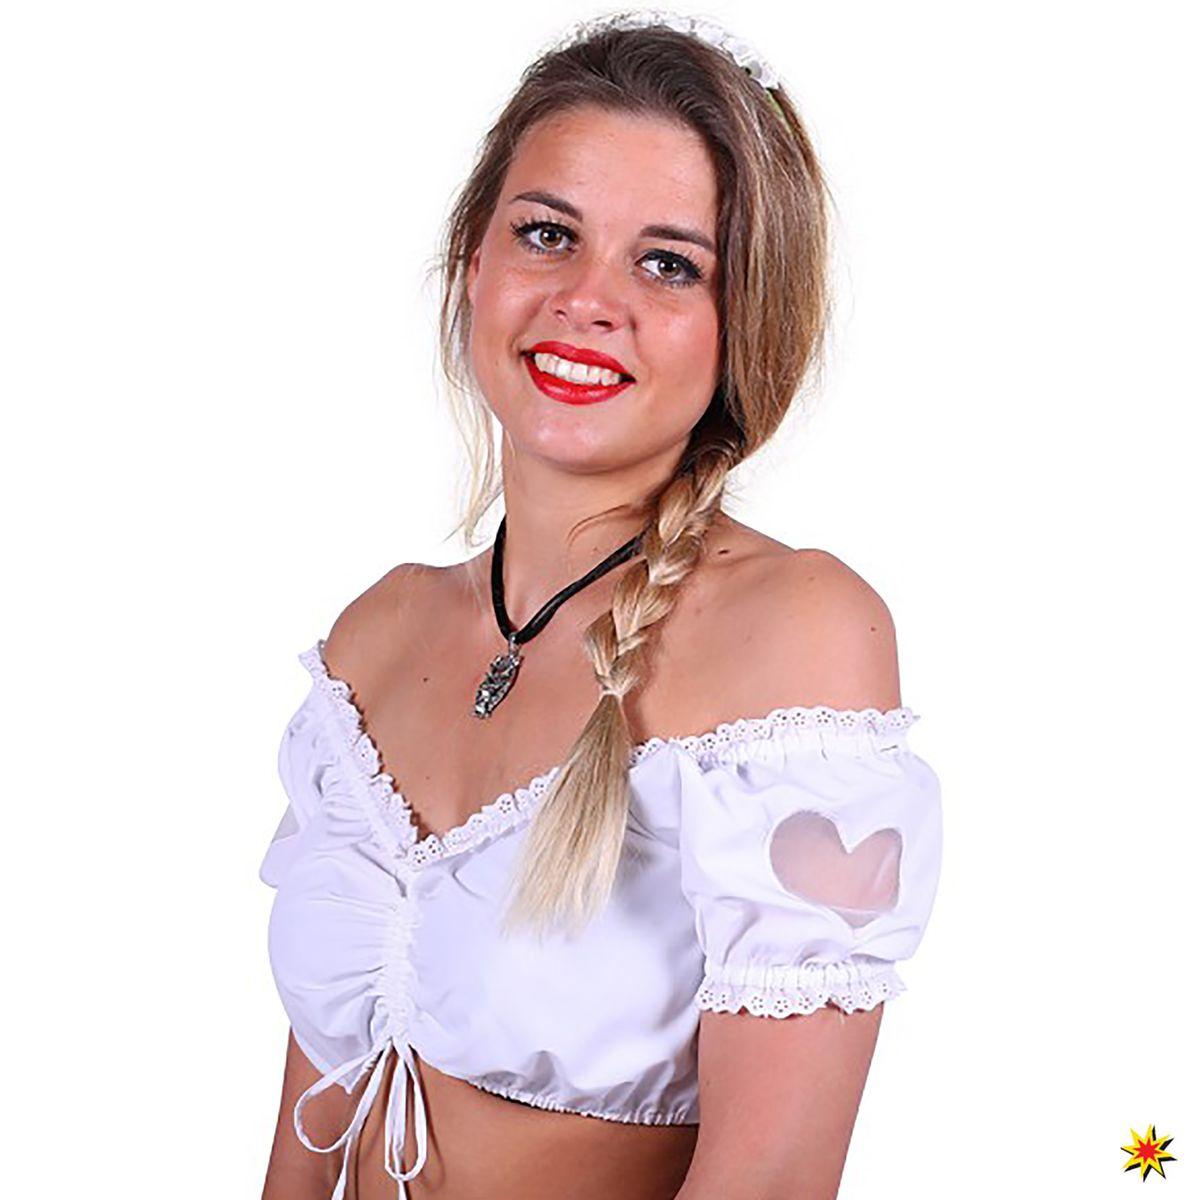 Damen Kostüm Dirndl Bluse mit Herz Julia Oktoberfest Wiesn Zubehör Fasching  Karneval 307489b6bd